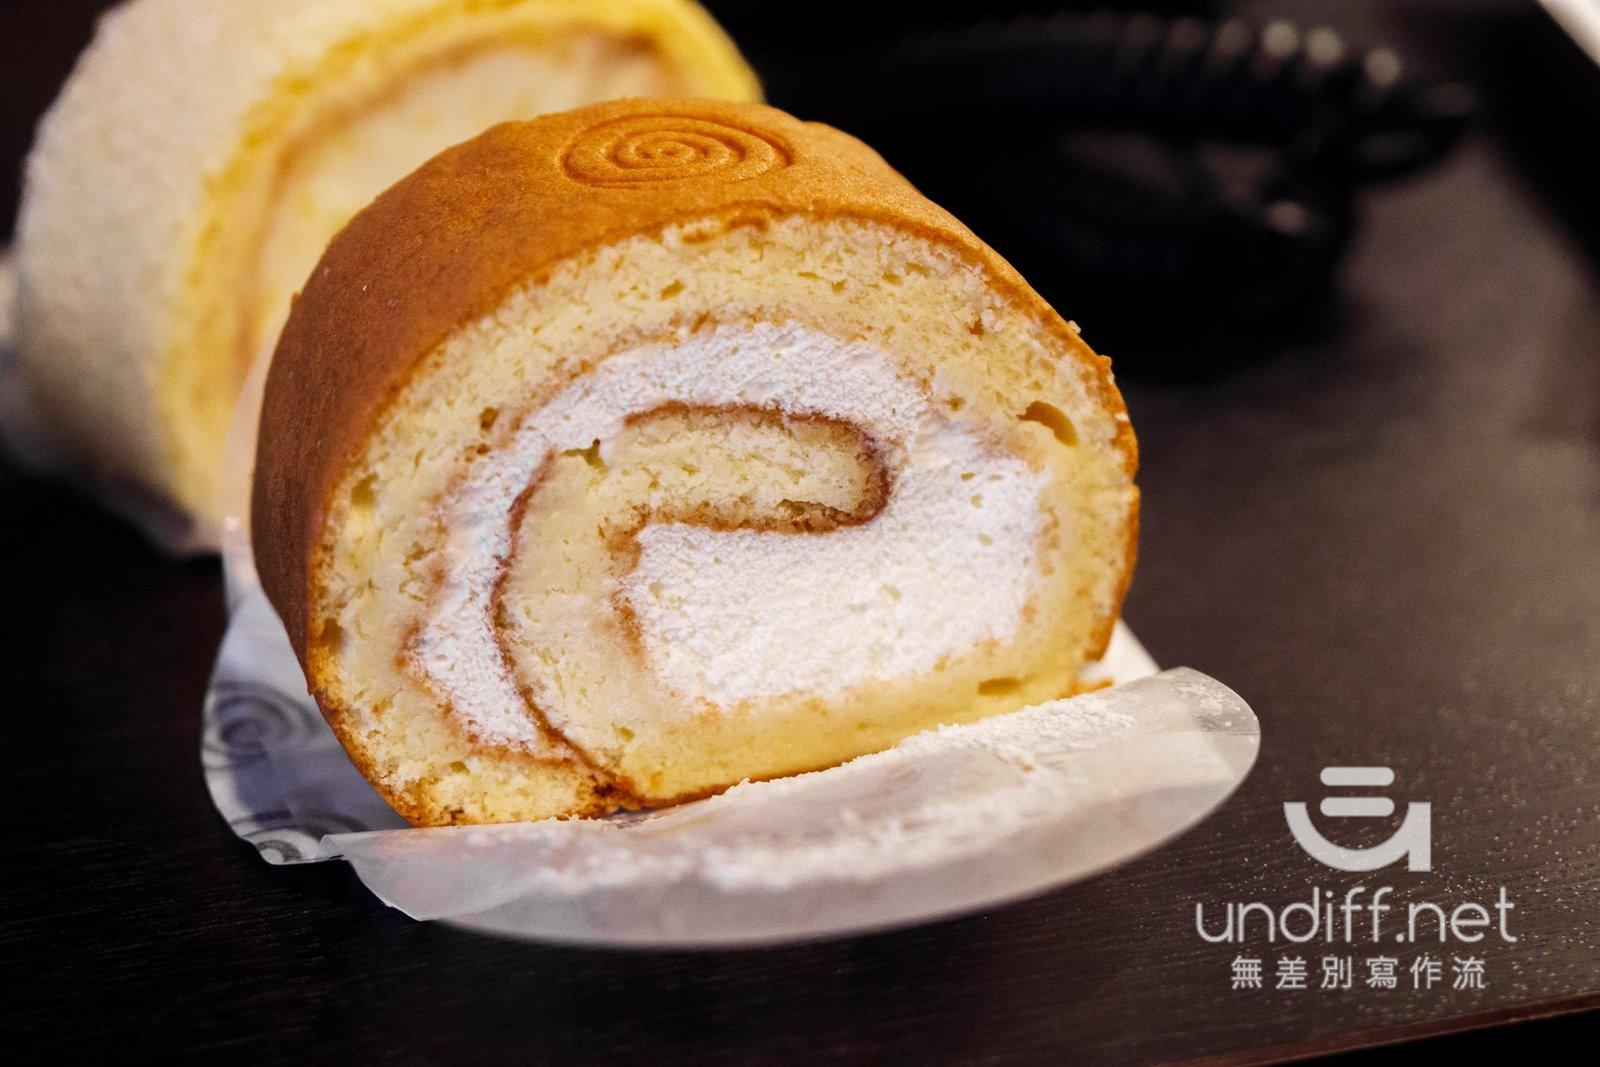 【東京美食】自由之丘 ロール屋 》樸實就很好吃的瑞士蛋糕捲專賣店 26